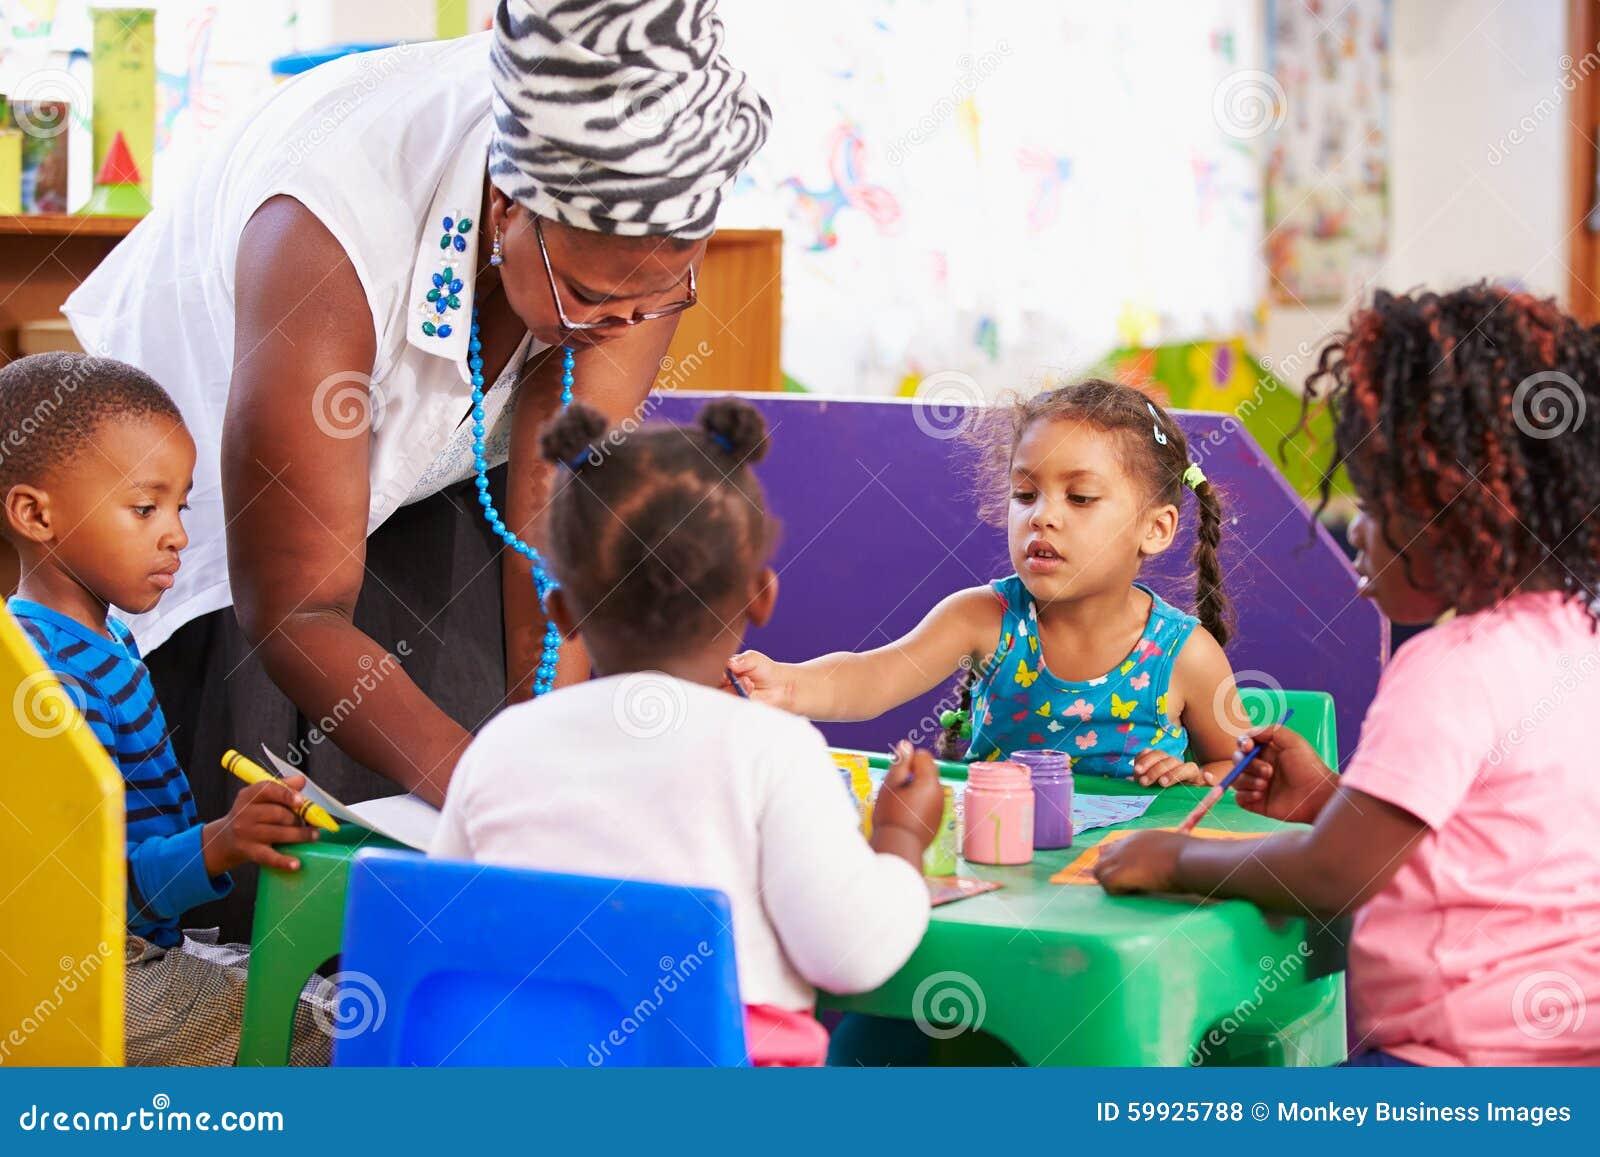 Teacher helping kids in a preschool class